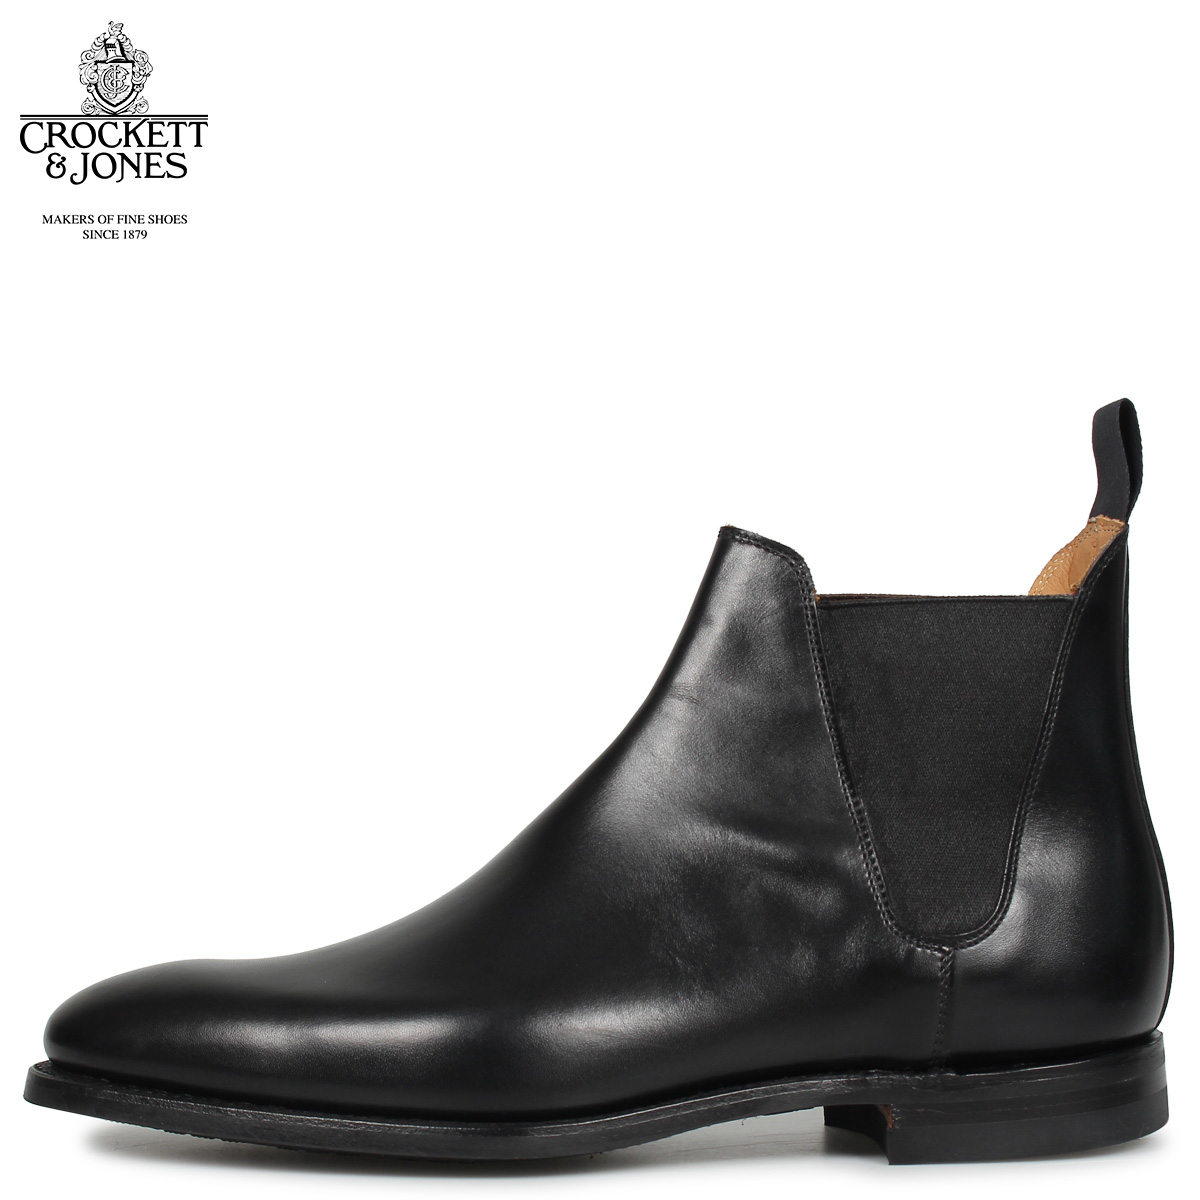 CROCKETT&JONES クロケット&ジョーンズ チェルシー 8 ブーツ サイドゴア メンズ CHELSEA 8 Eワイズ ブラック 黒 [4/7 追加入荷]